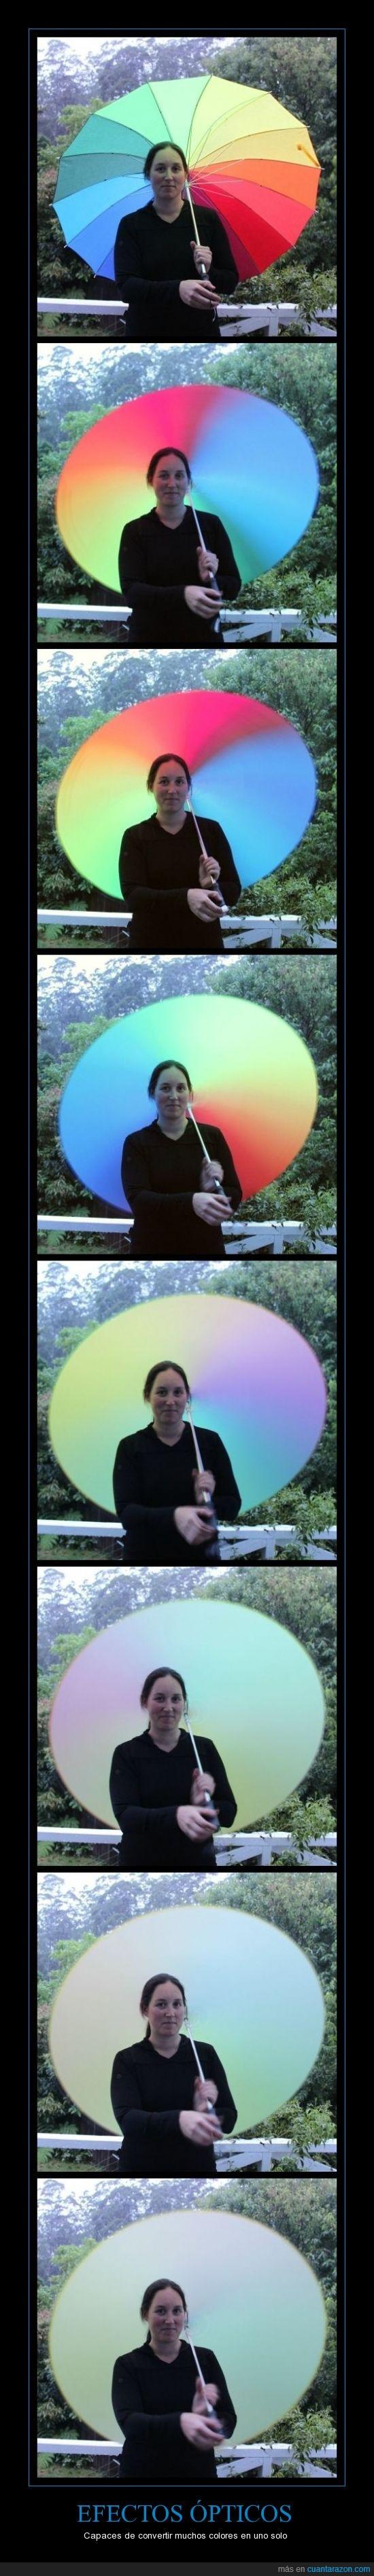 colores,efecto óptico